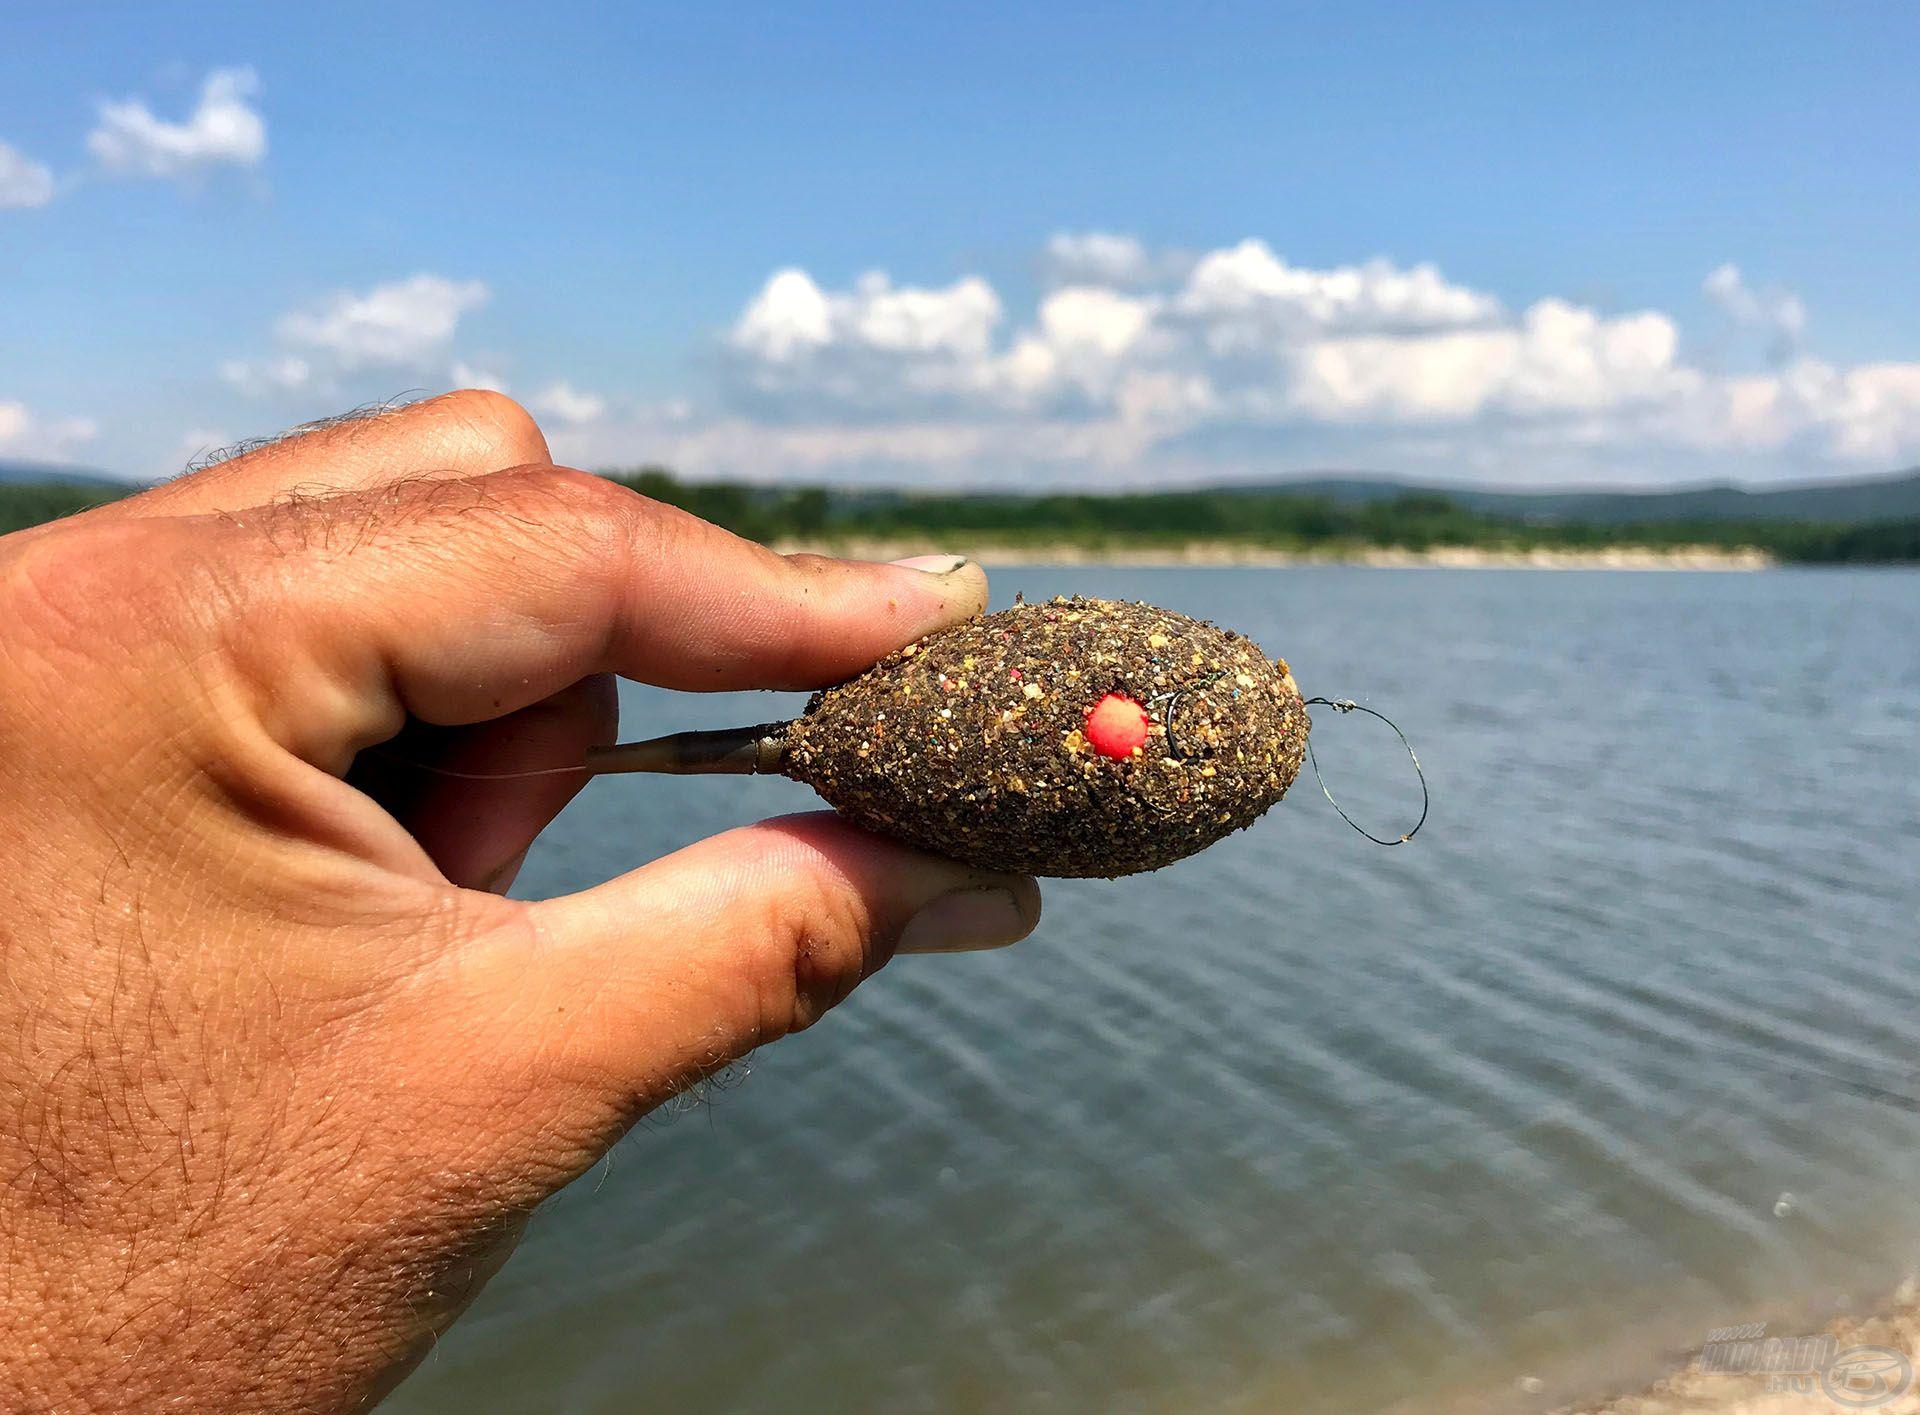 Folyamatosan egy pontba dobálva szépen fent lehet tartani a halak figyelmét akár egy ilyen pici kosárral is!